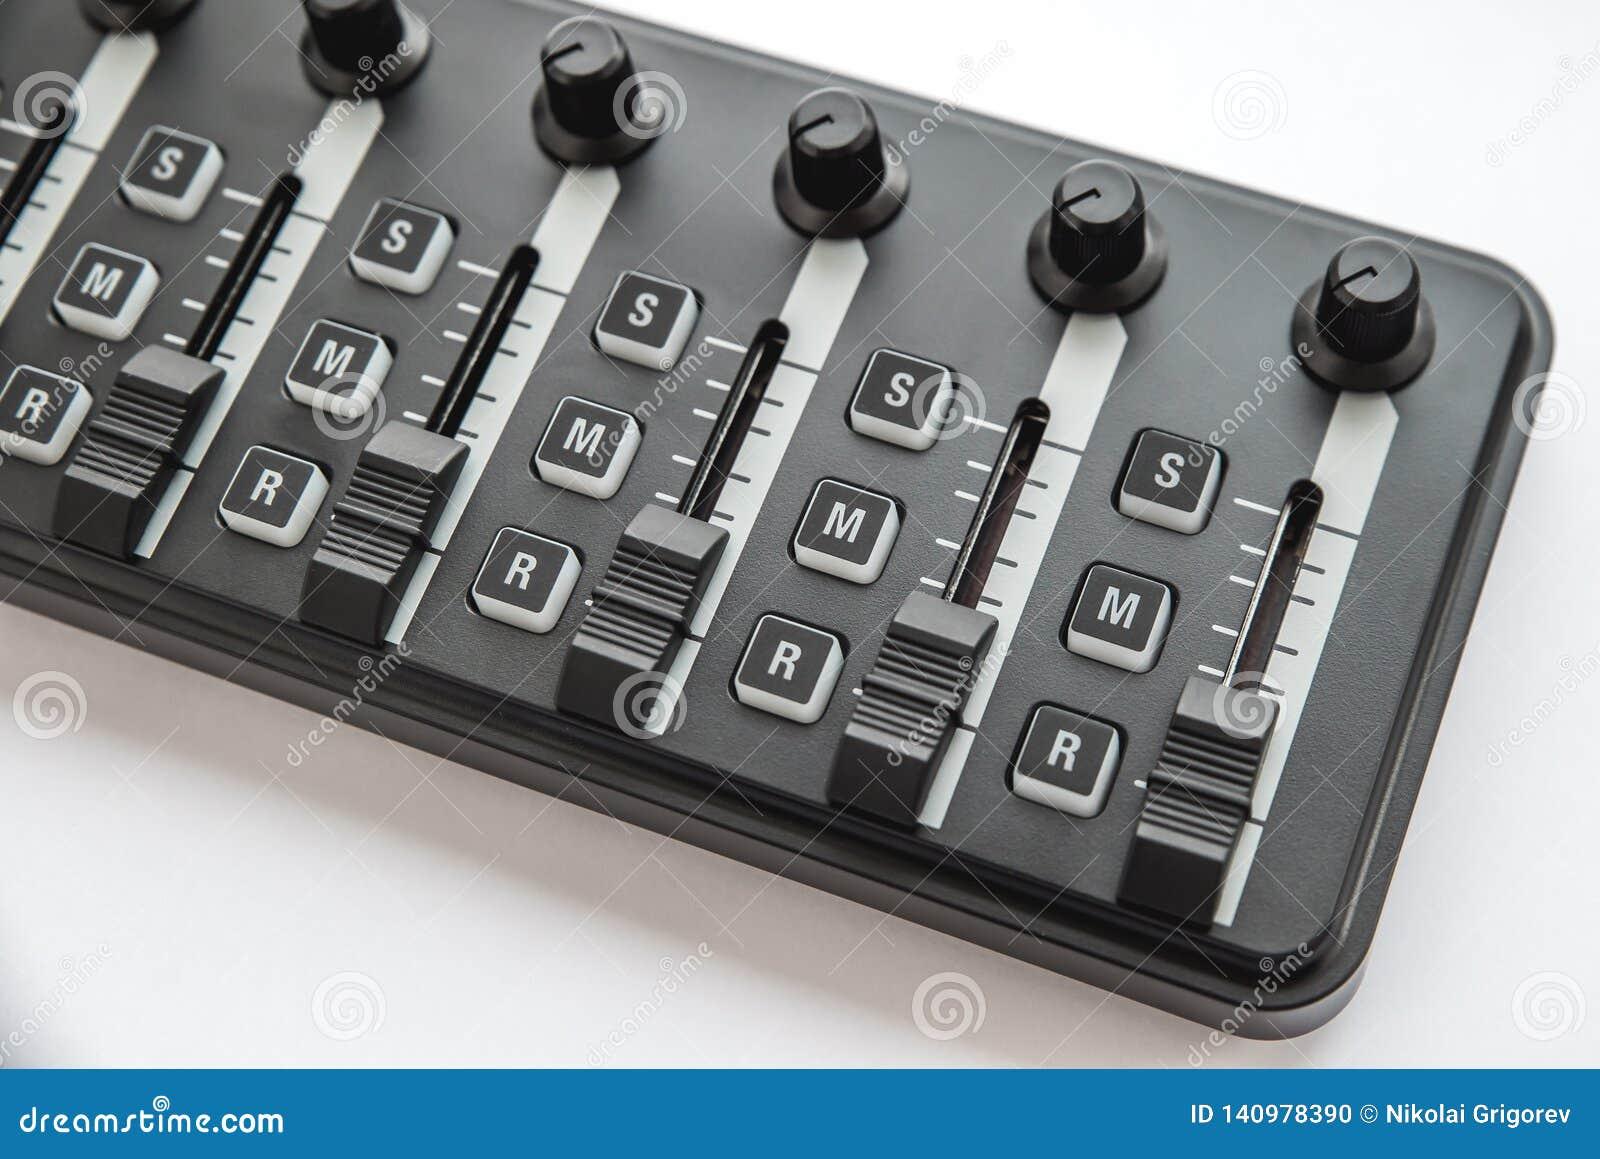 Foto do misturador audio análogo